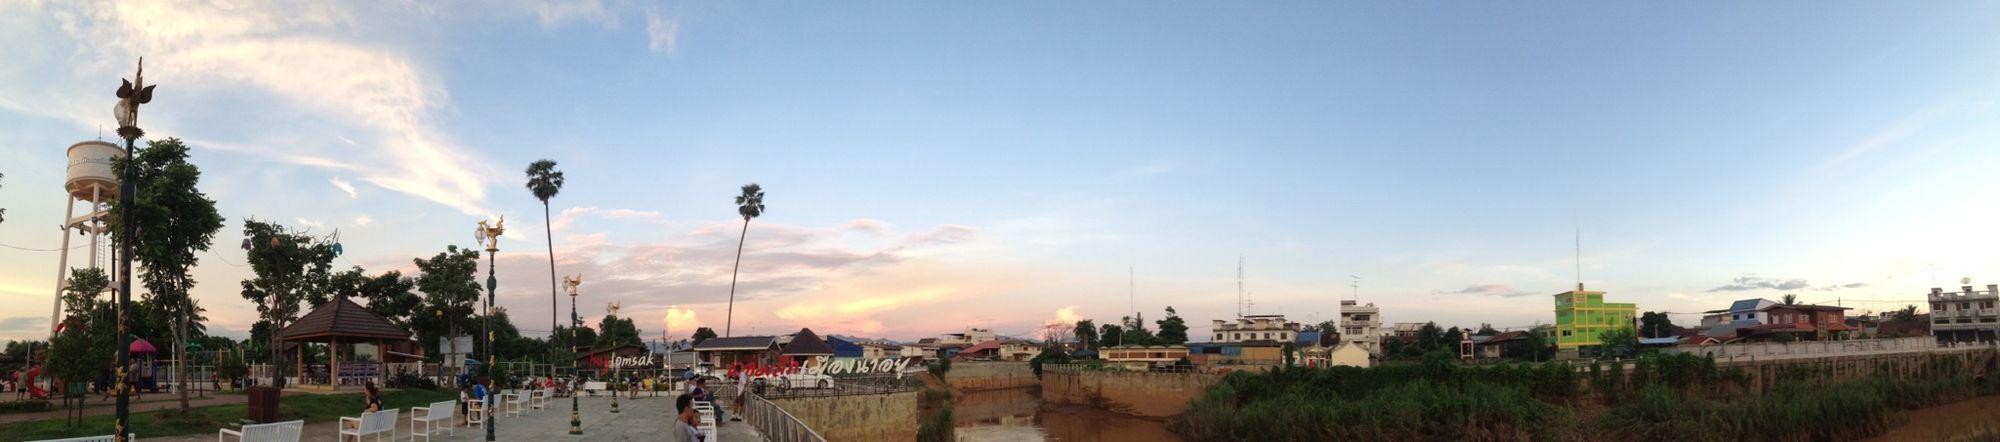 My sky ☁ ชมวิว